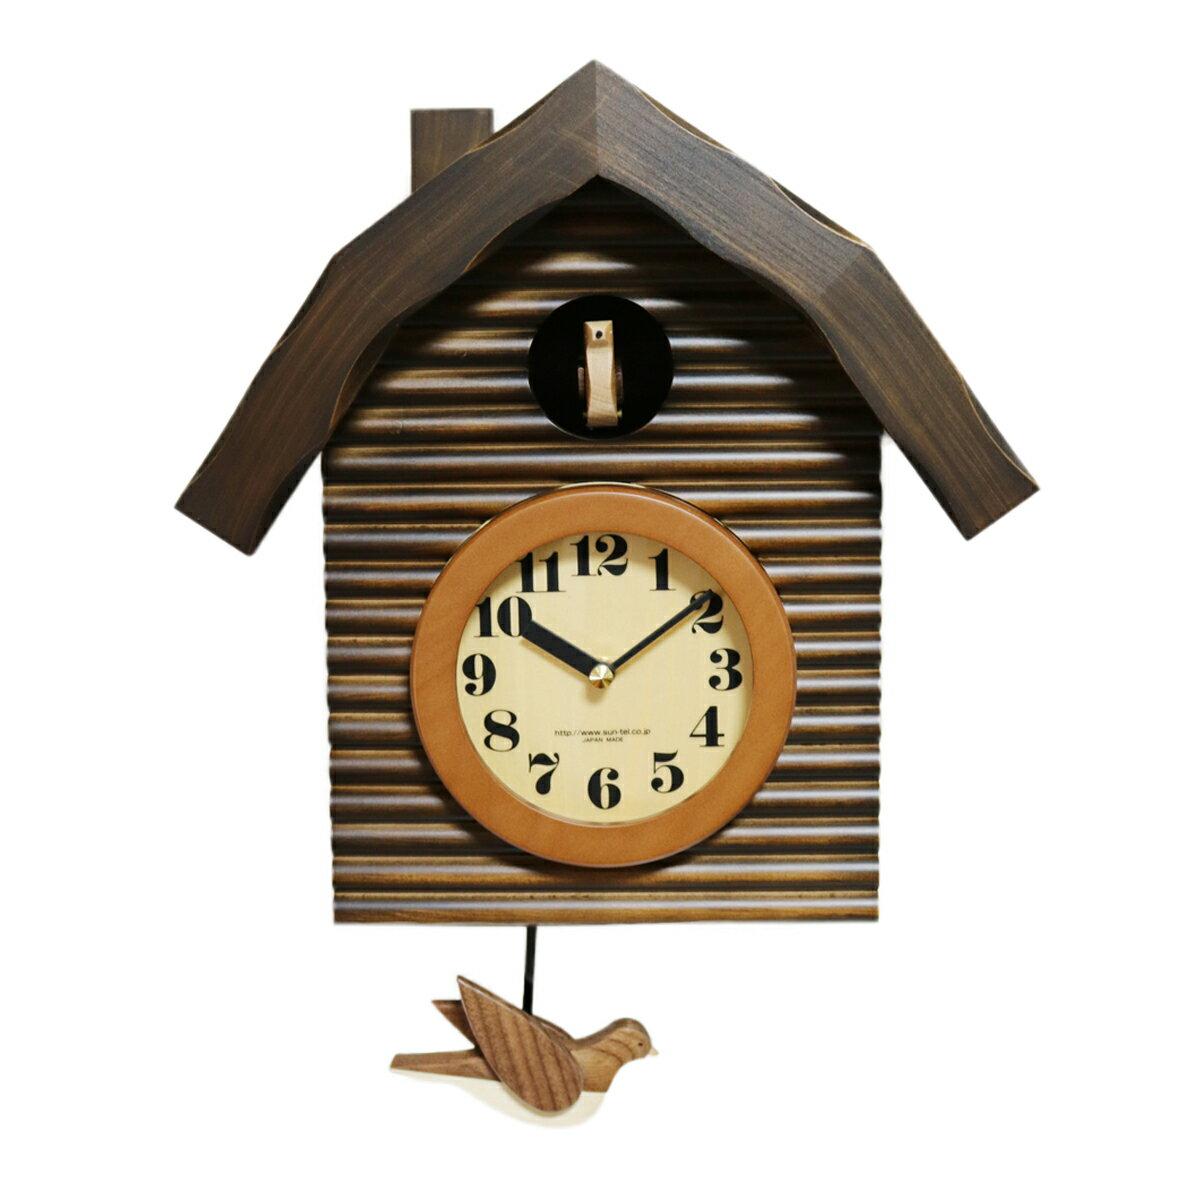 ≪楽天ランキング受賞≫日本製 手作り 鳩時計